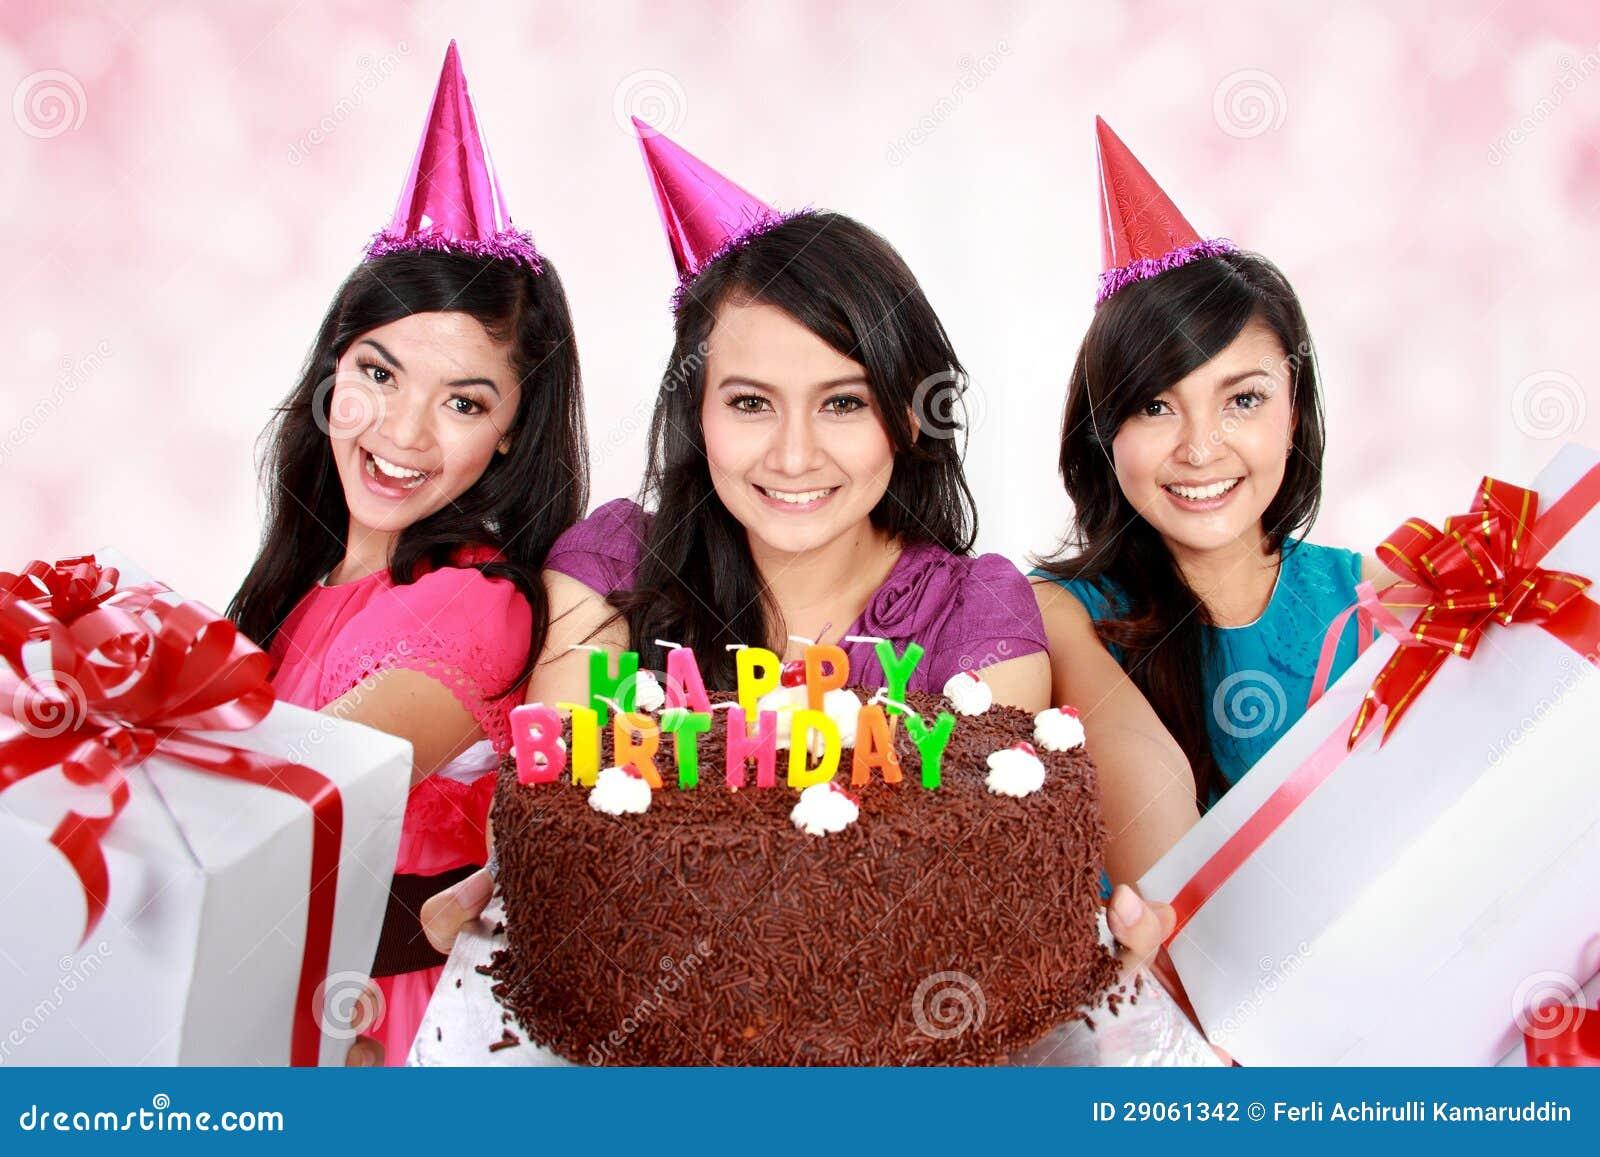 Τα όμορφα κορίτσια γιορτάζουν τα γενέθλια